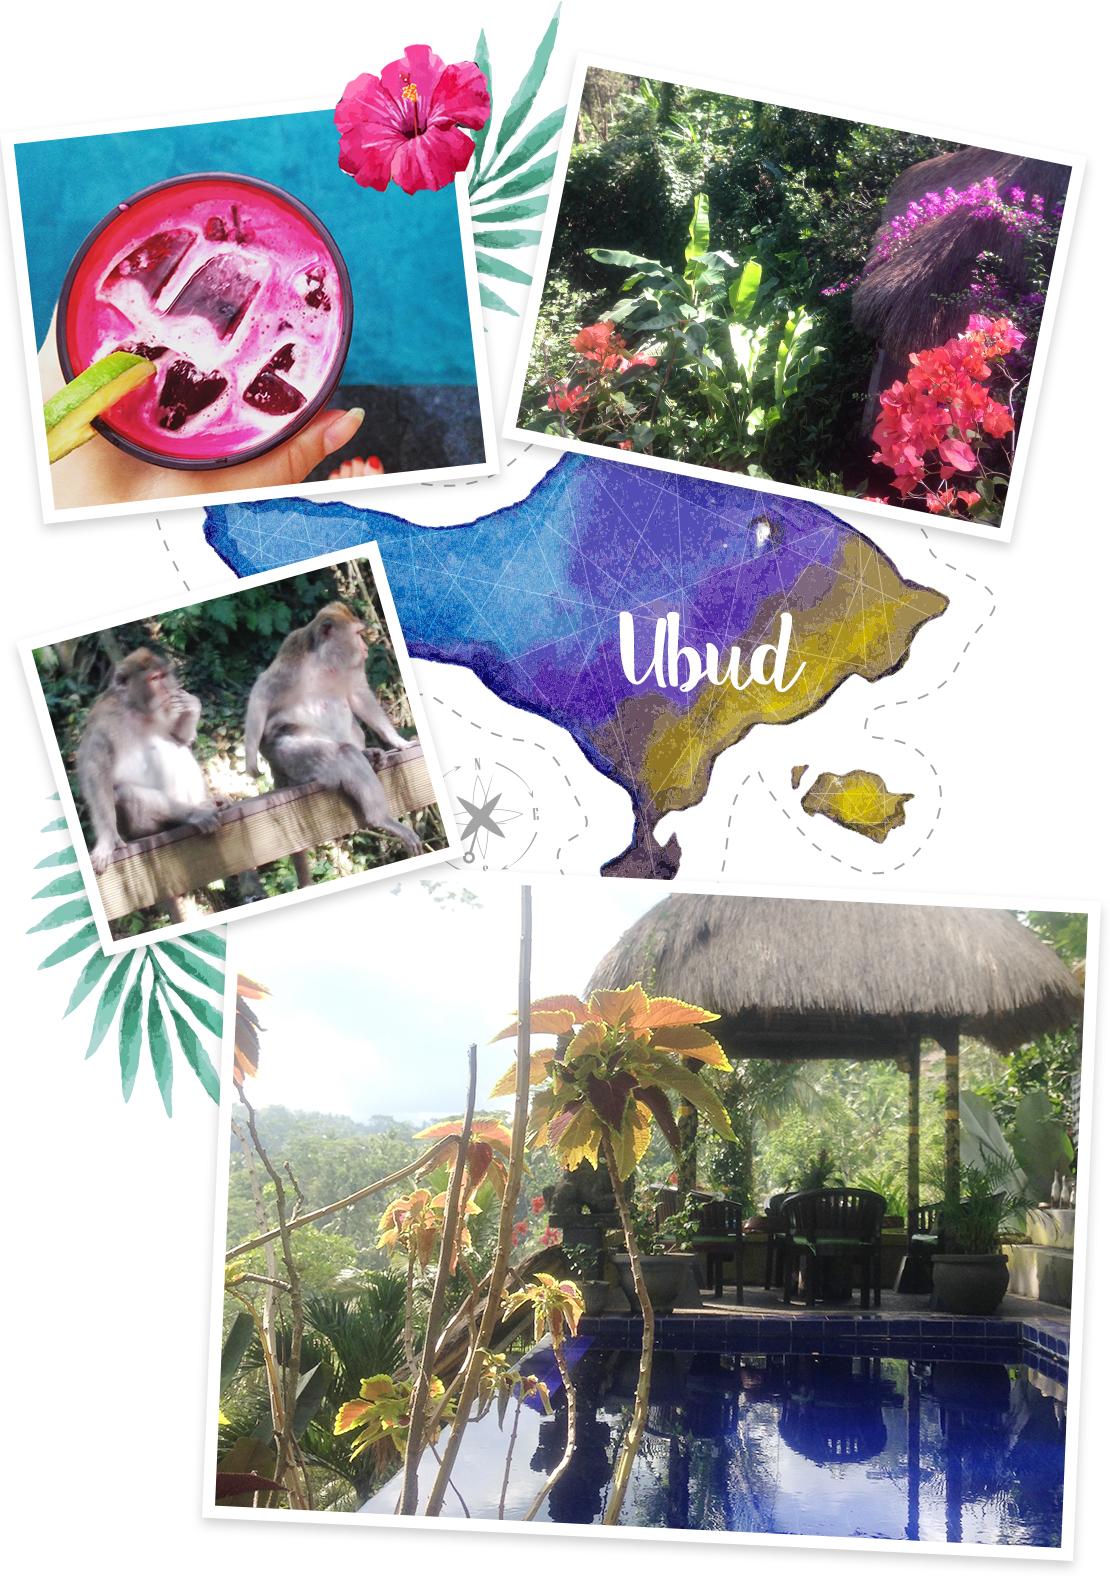 vacaciones en Bali Ubud